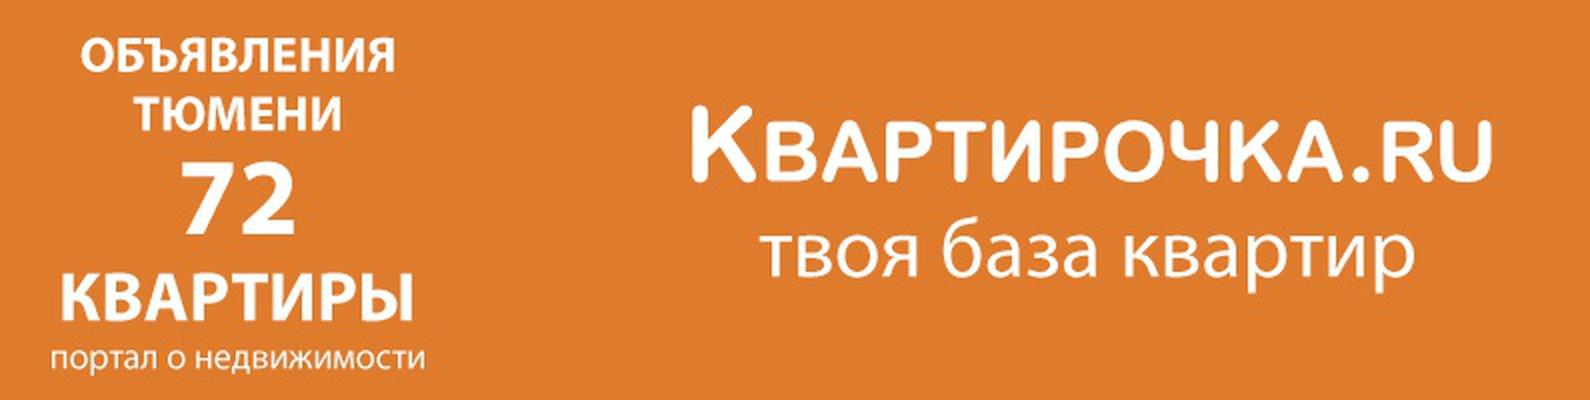 Прописка в тюмени 72 свежие вакансии аккумулятора - для электромобиля 12в частные объявления дешево